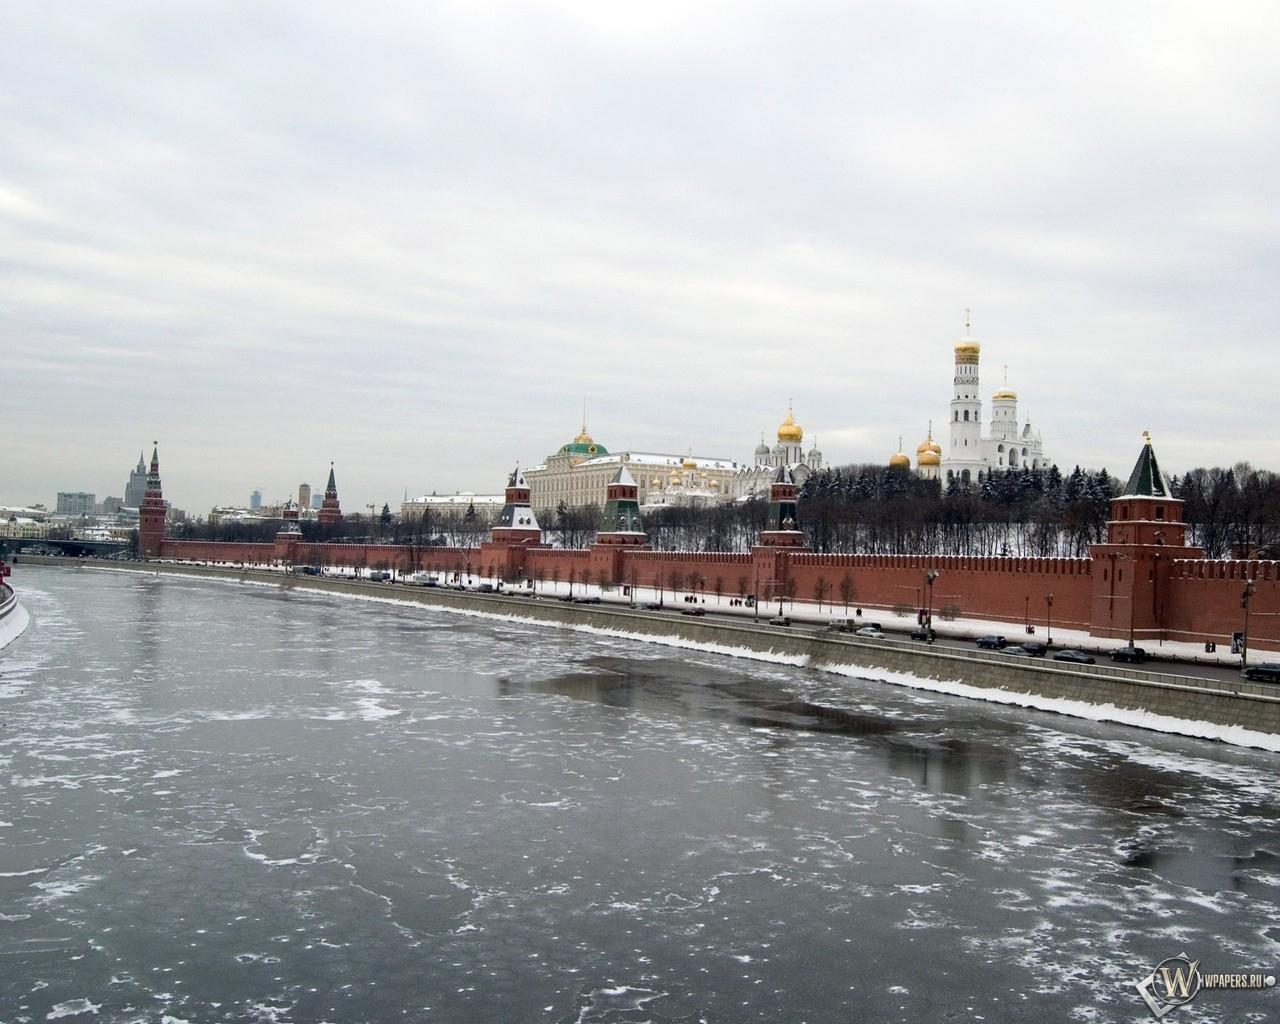 Вид на кремль (Москва) 1280x1024